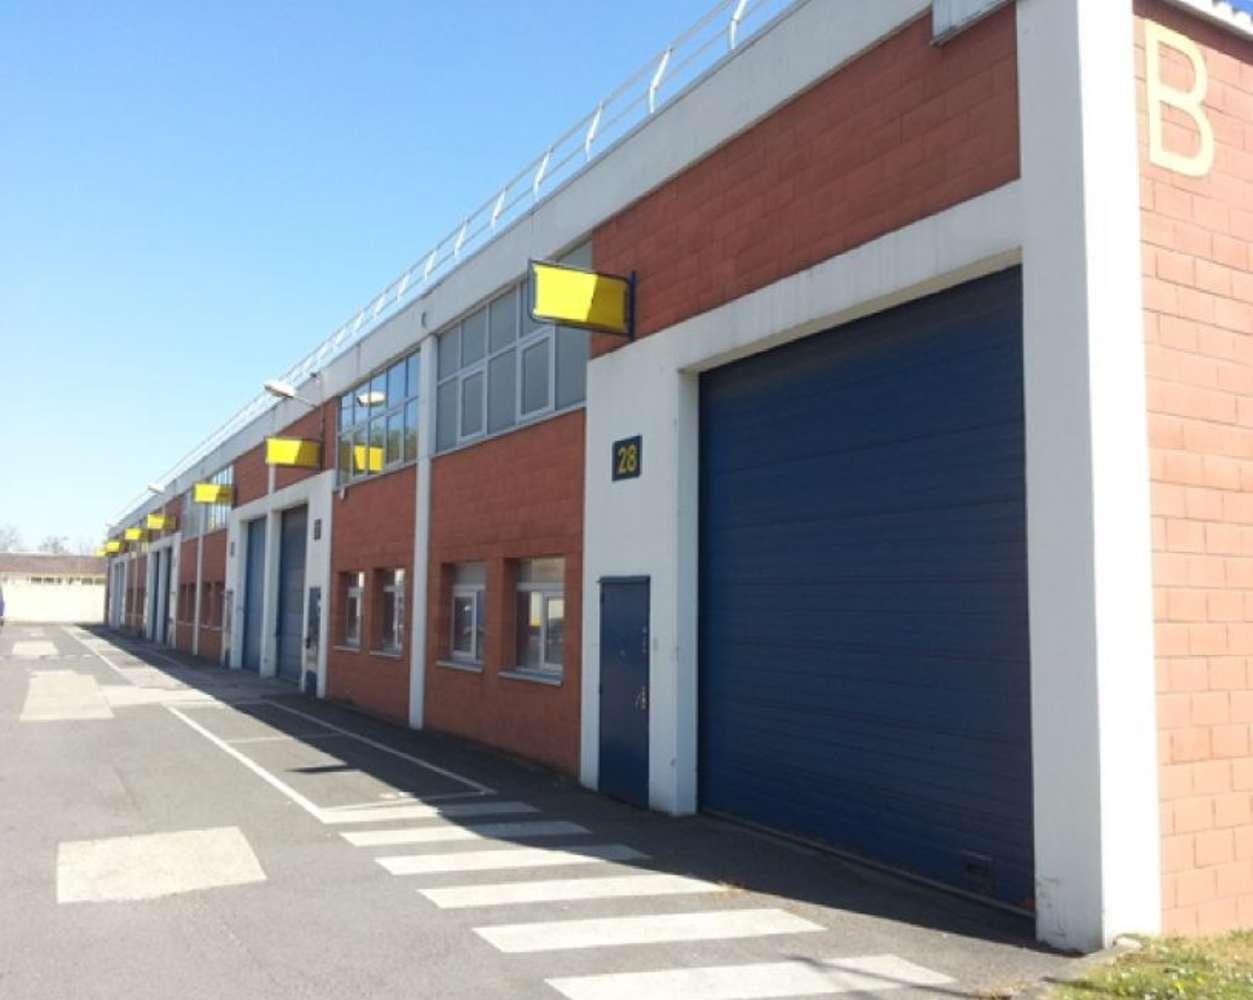 Activités/entrepôt Villepinte, 93420 - PARC DES ERABLES - 9463834